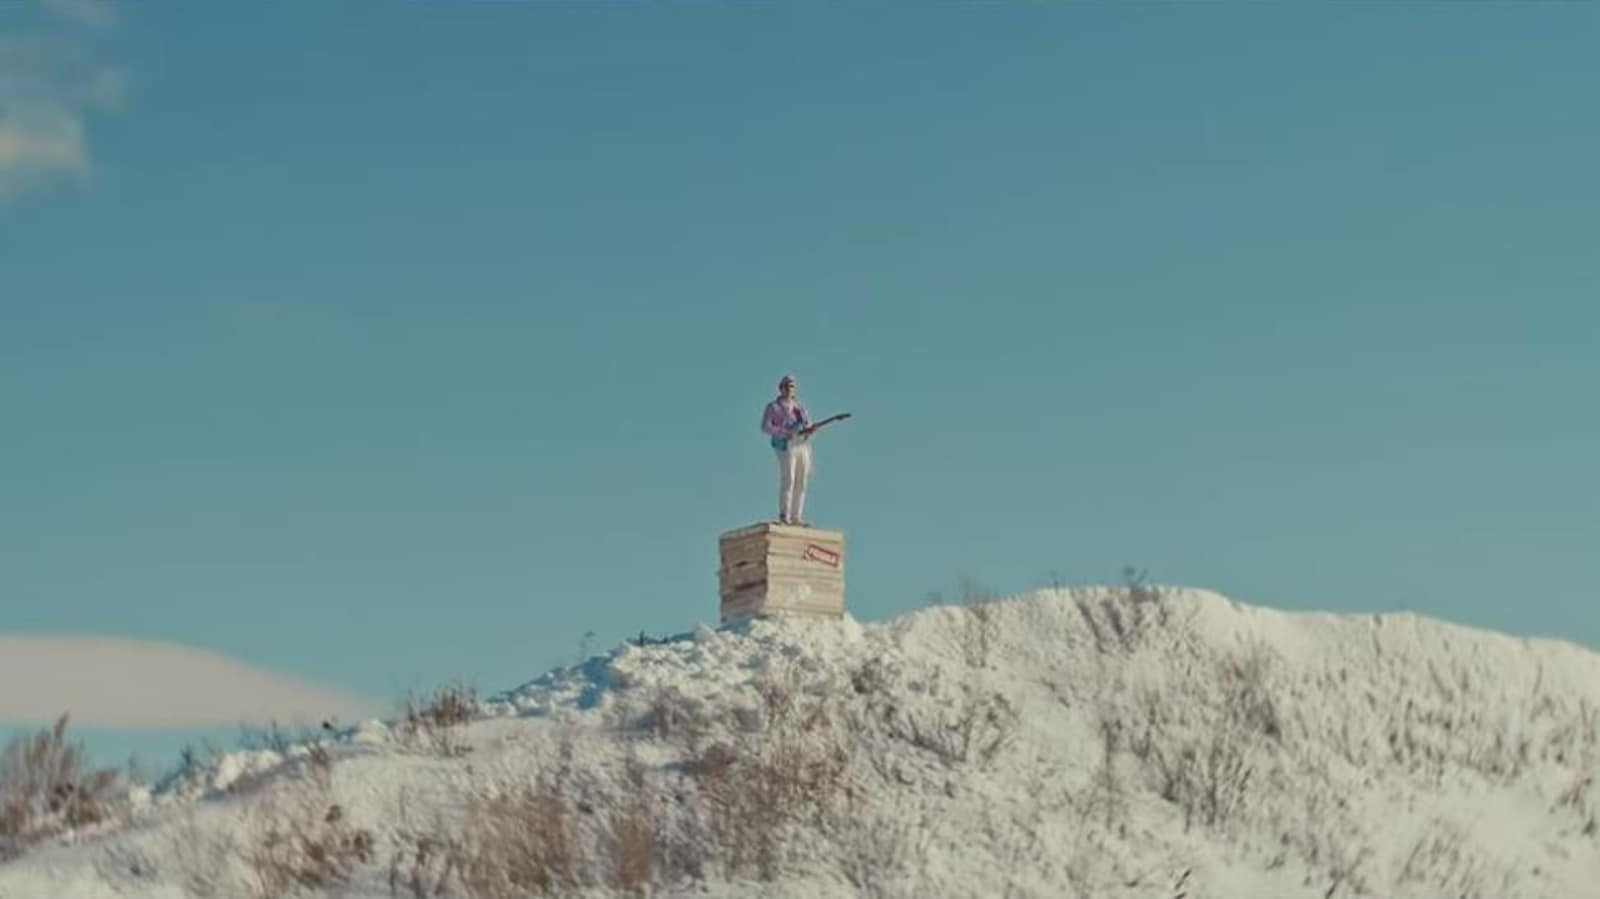 Un homme se tient sur une caisse posée sur une colline enneigée.